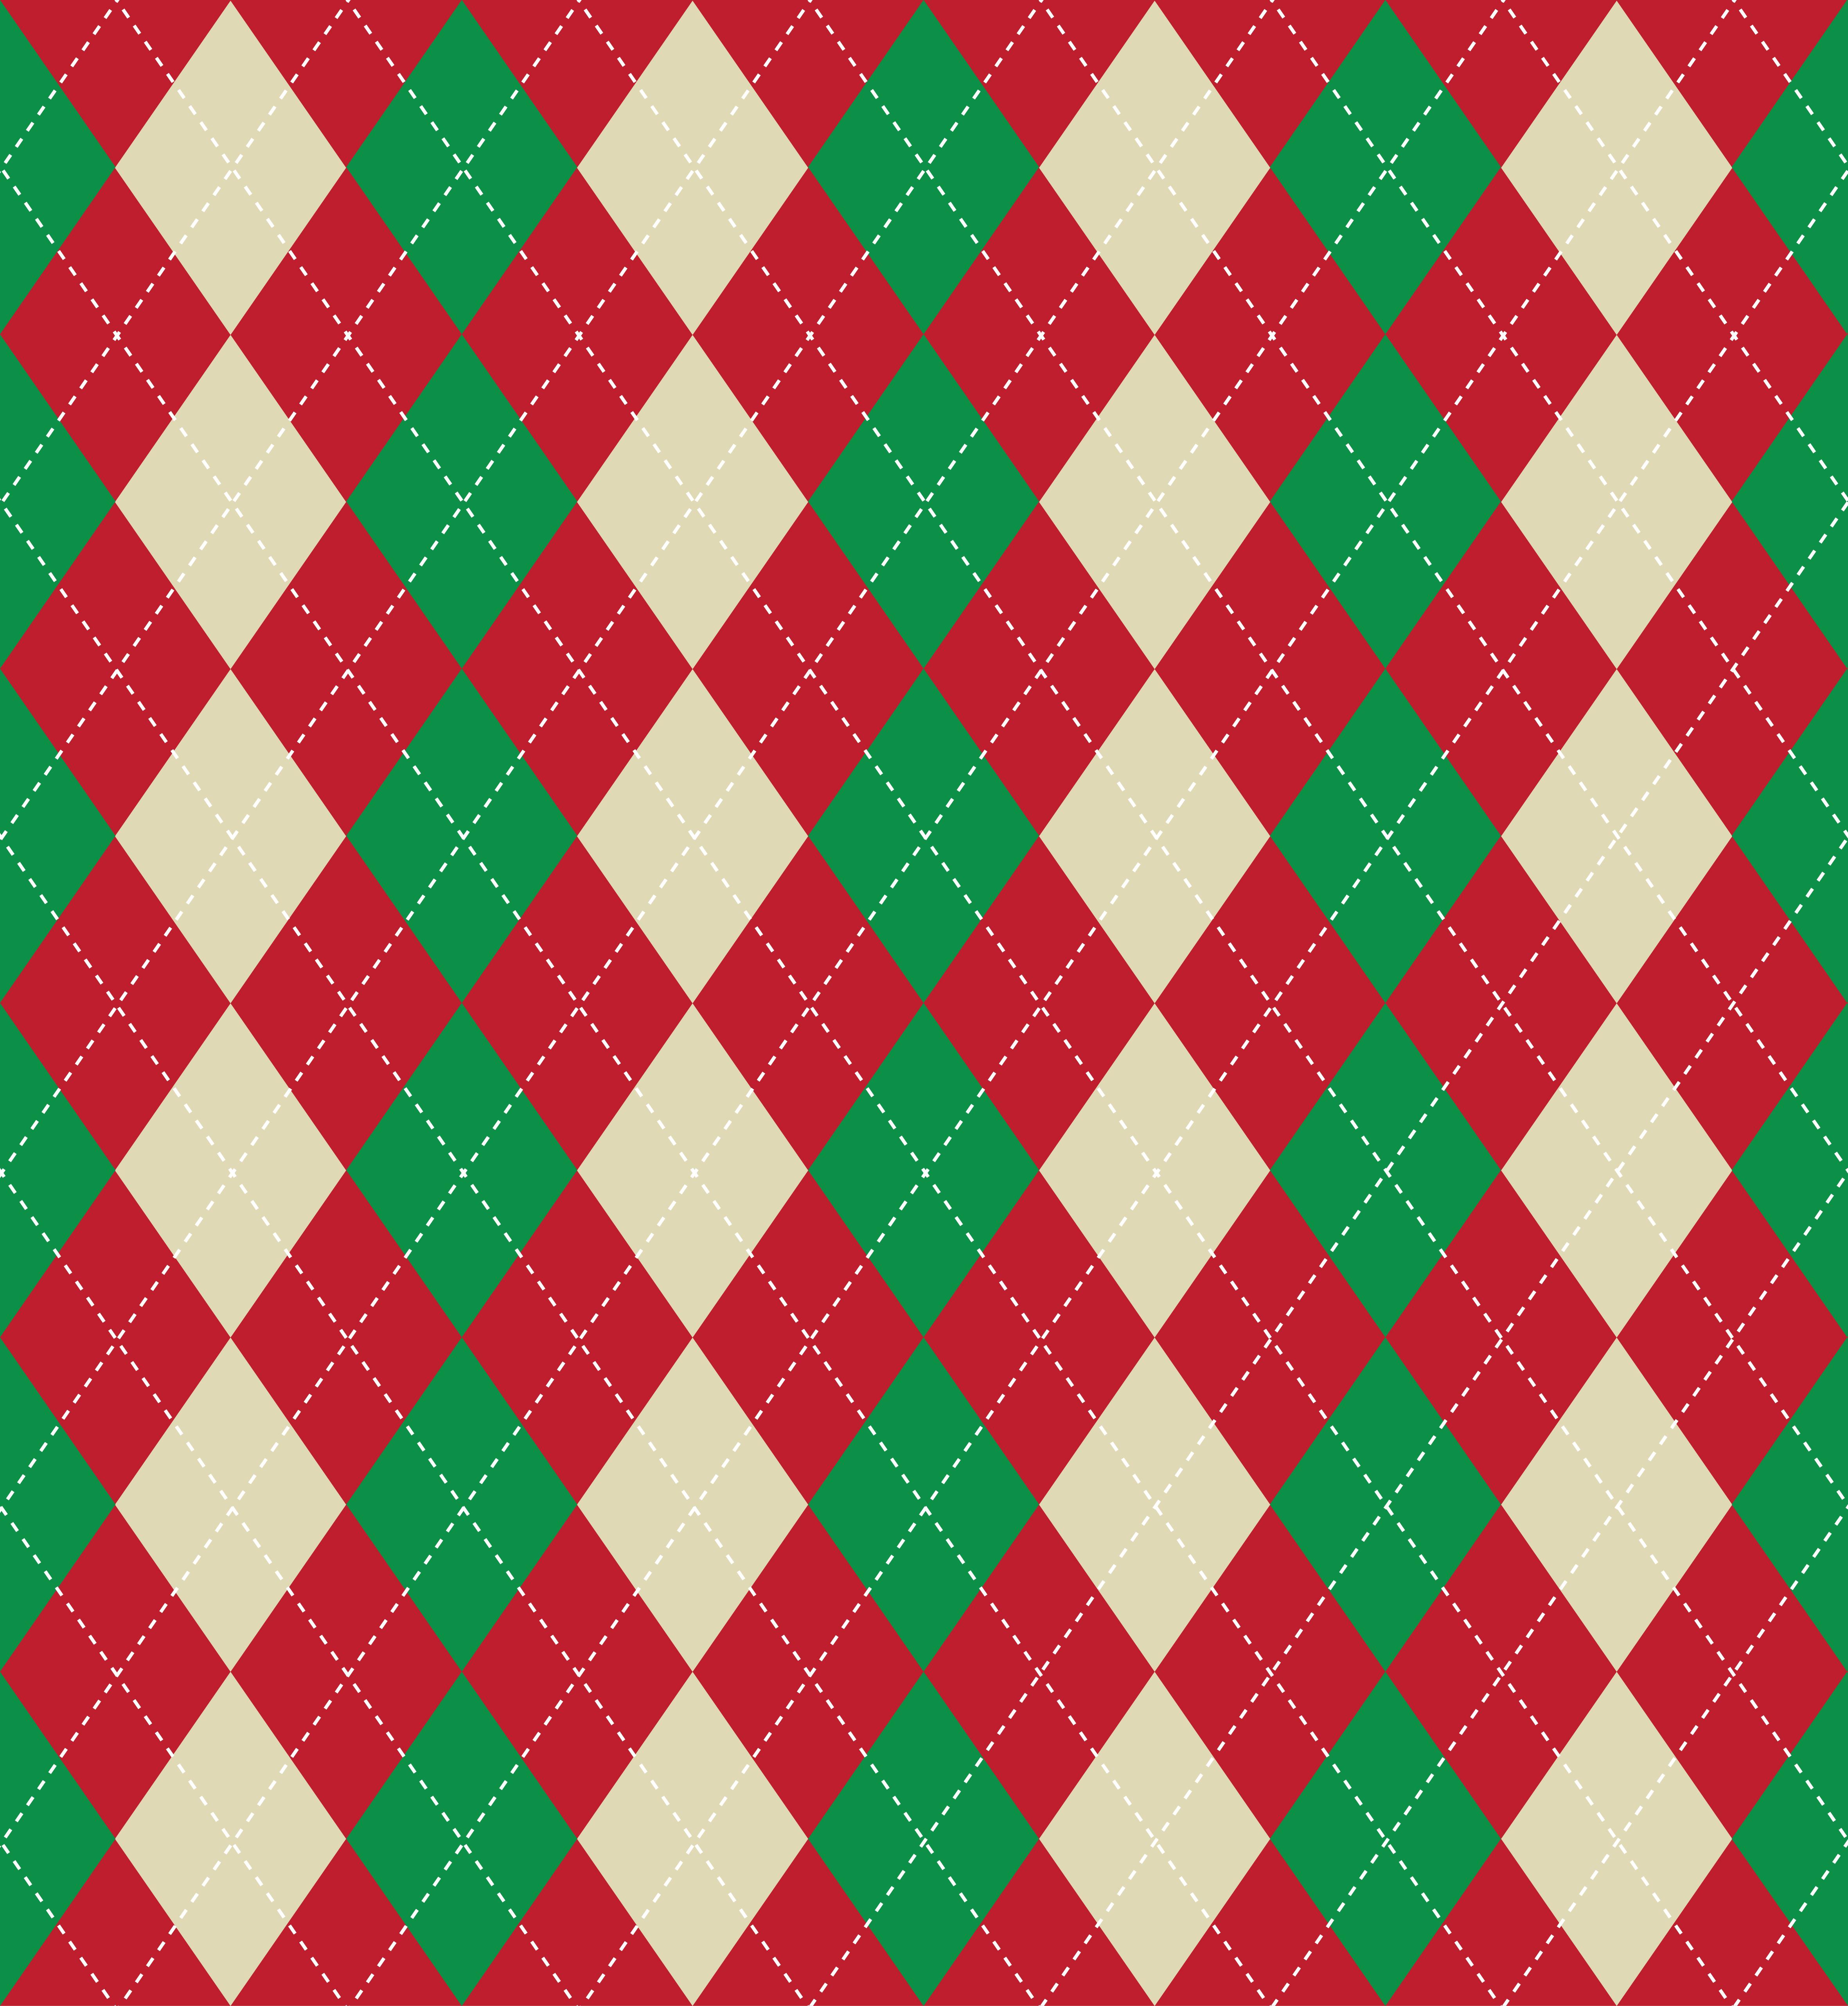 Patrón de argyle de Navidad - Descargue Gráficos y Vectores Gratis